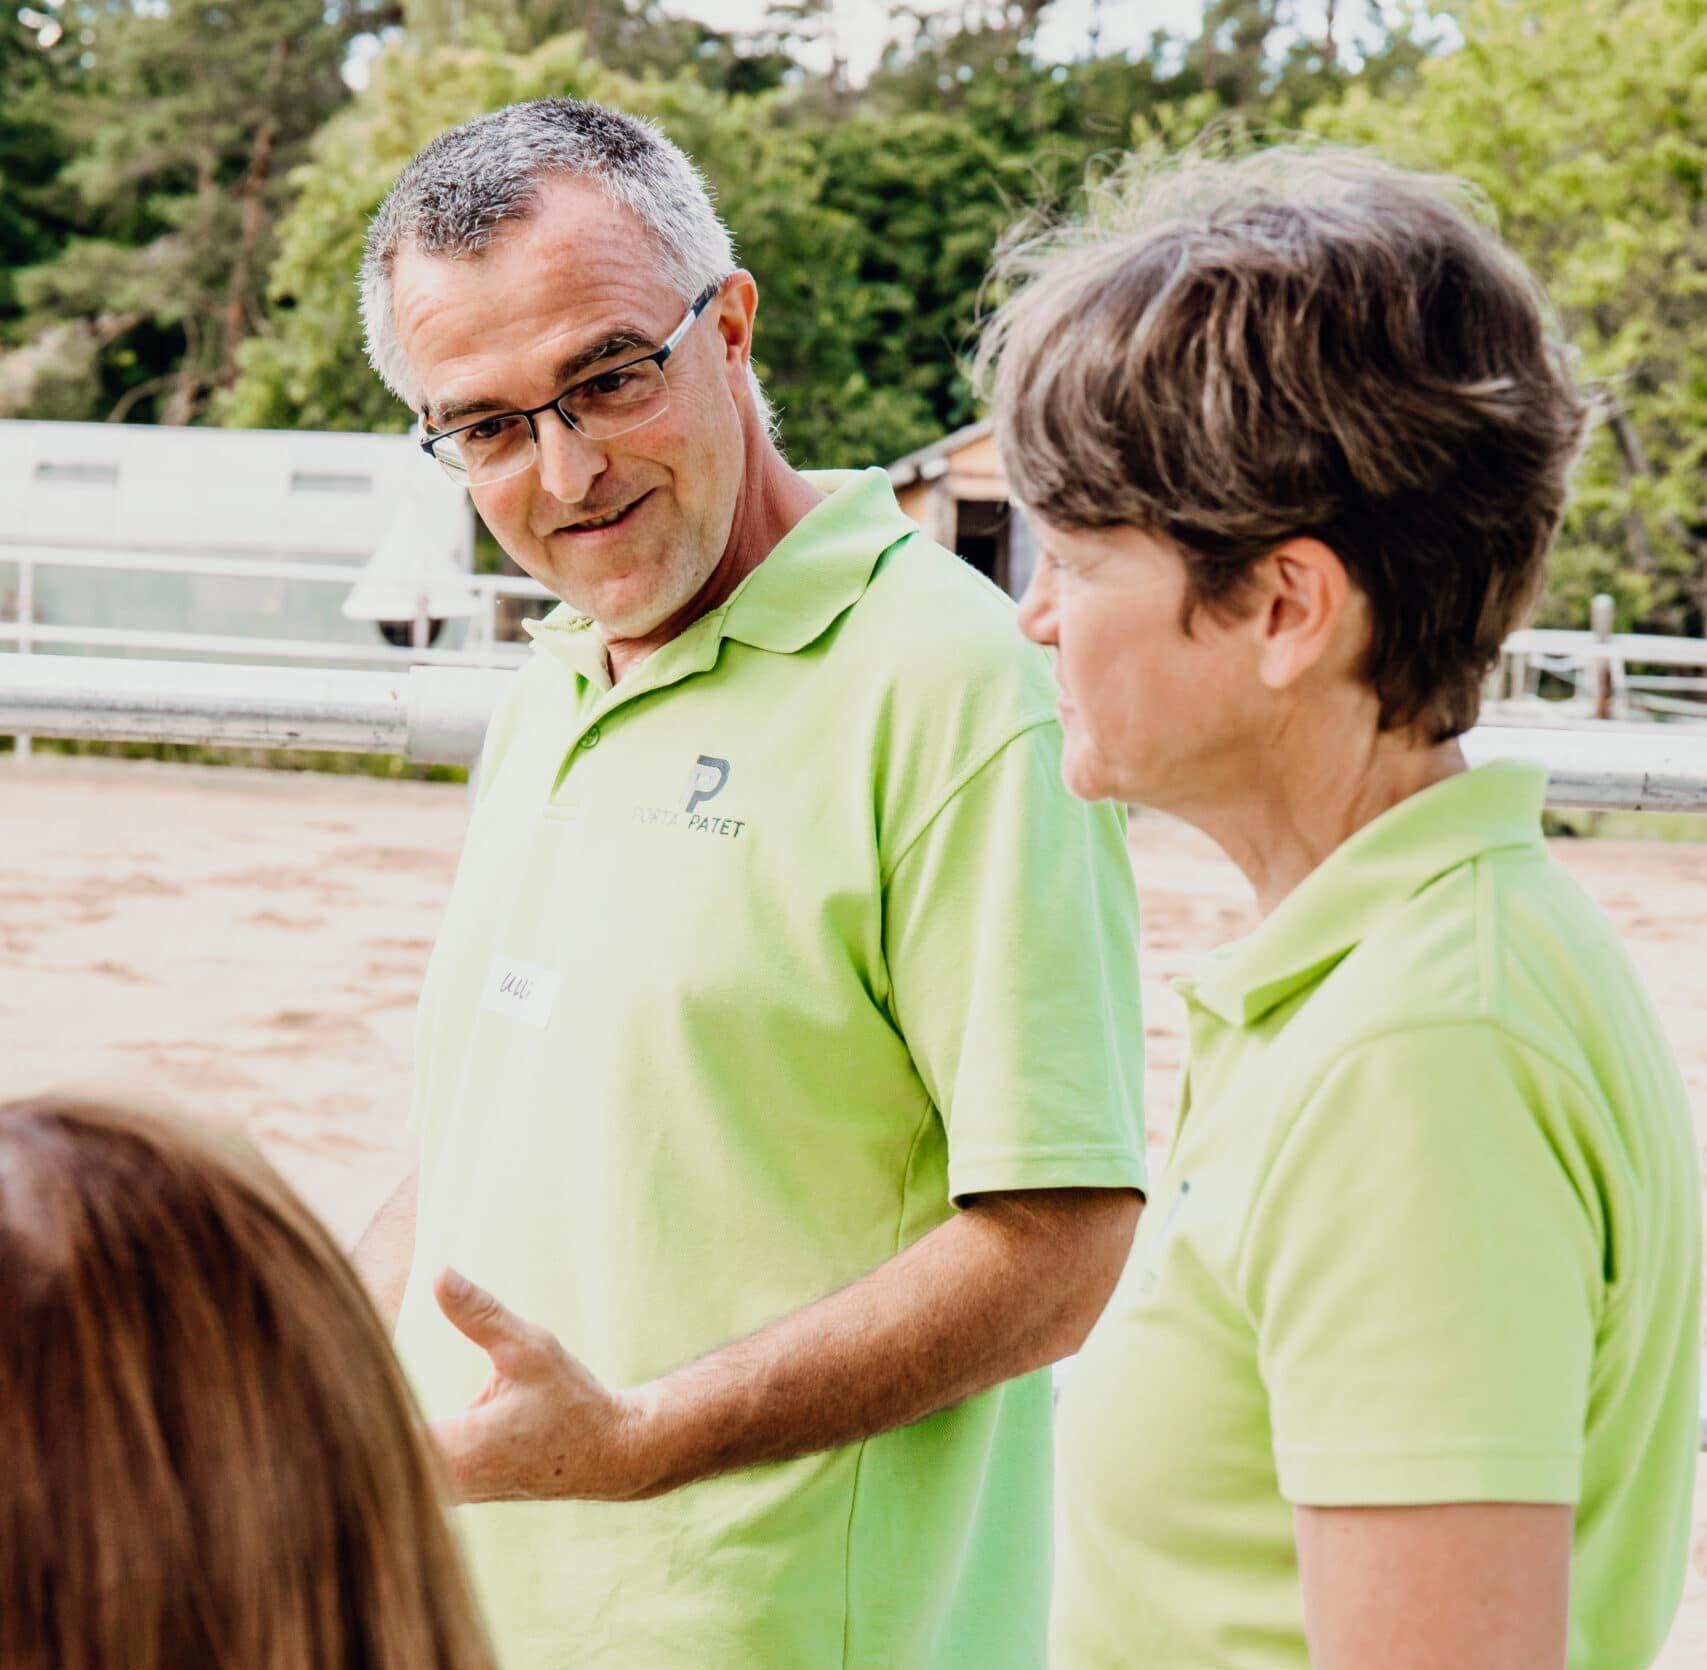 arite und ulrich beim Coaching